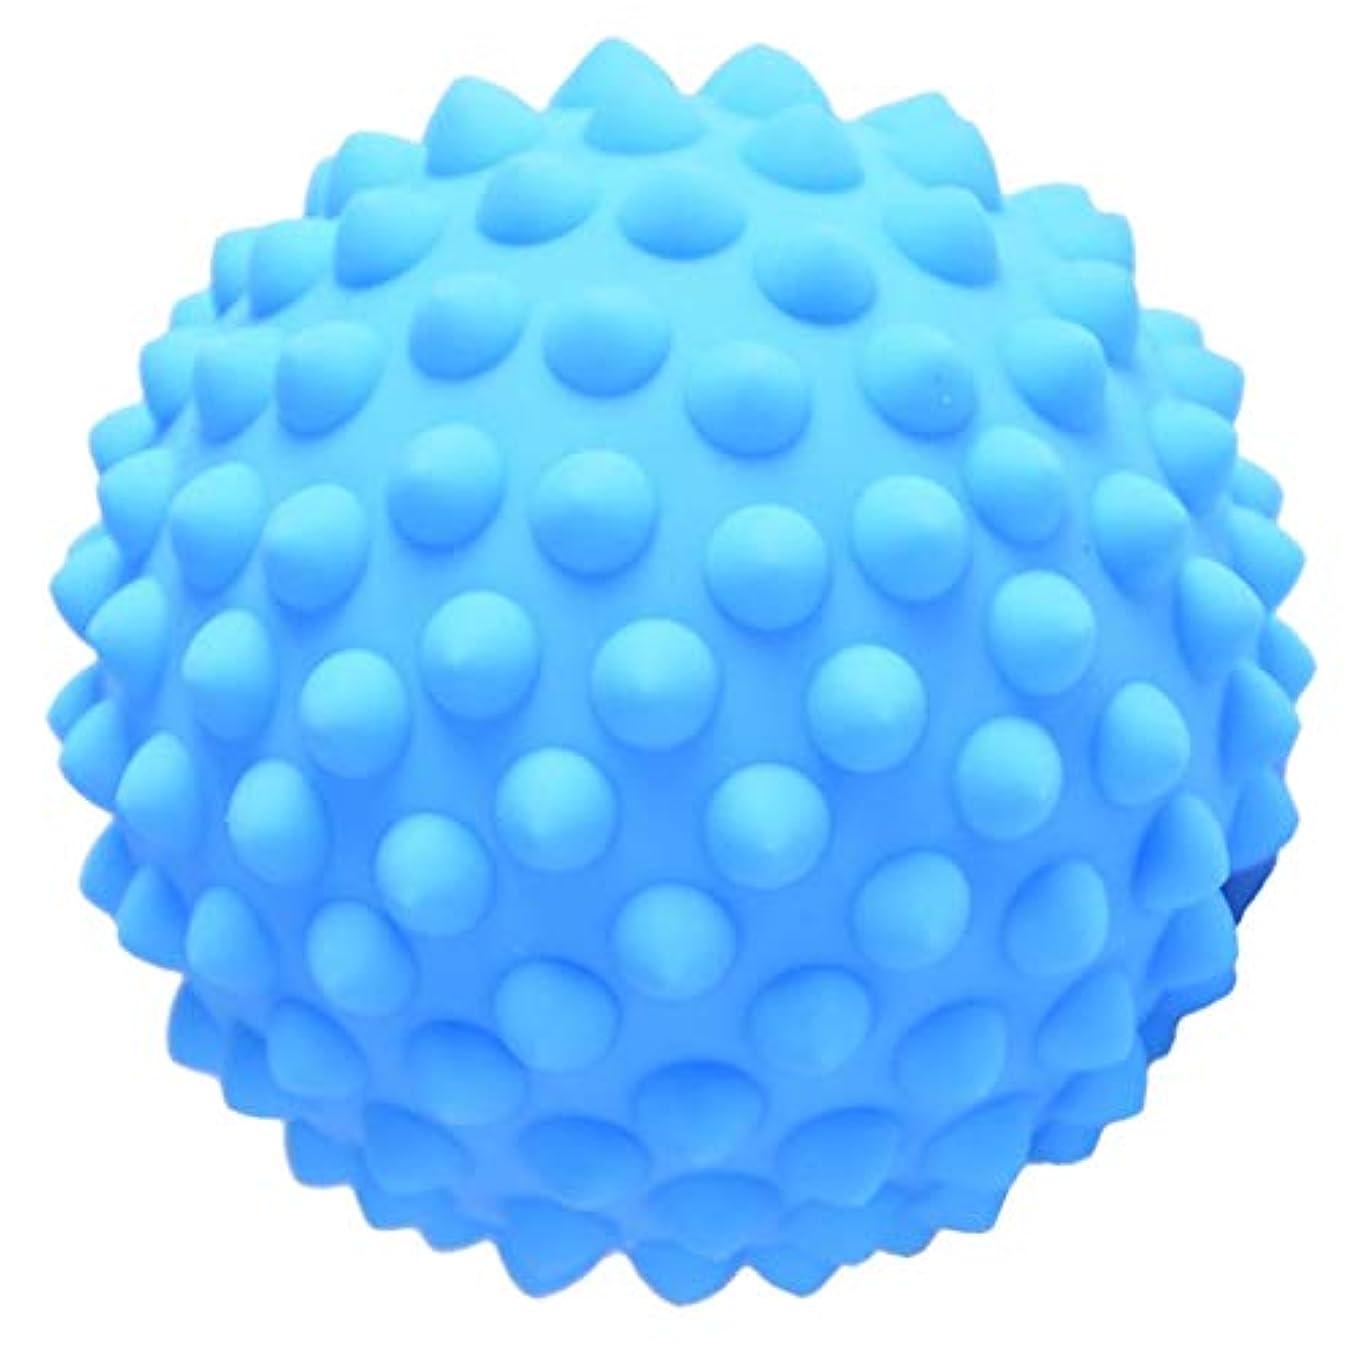 富豪買い手バクテリアFLAMEER マッサージボール ポイントマッサージ ヨガ道具 3色選べ - 青, 説明のとおり